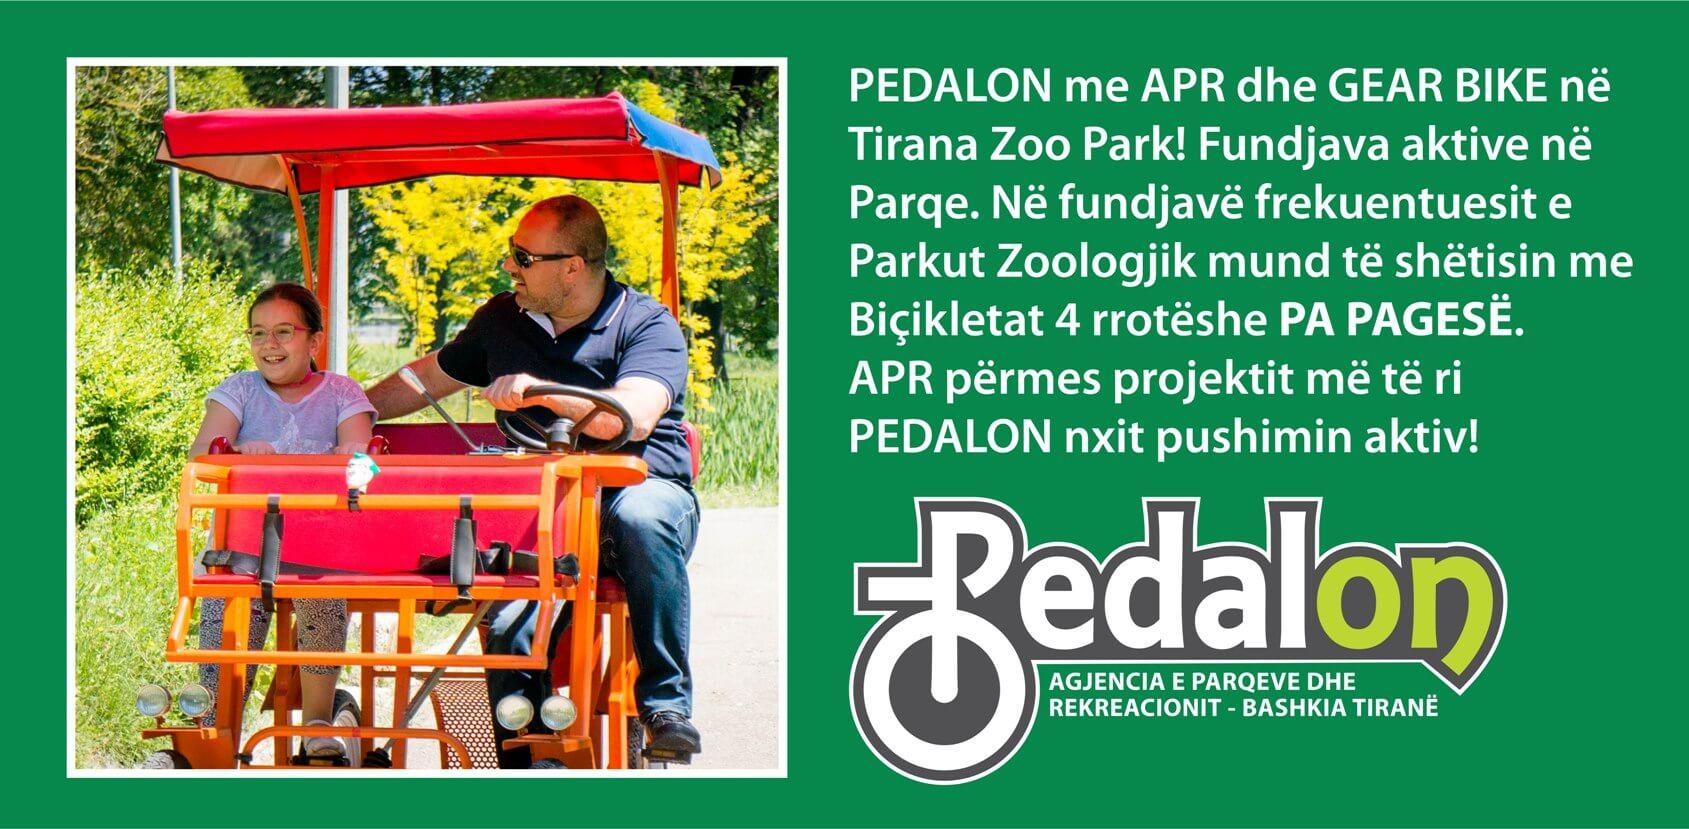 tabela pedalon